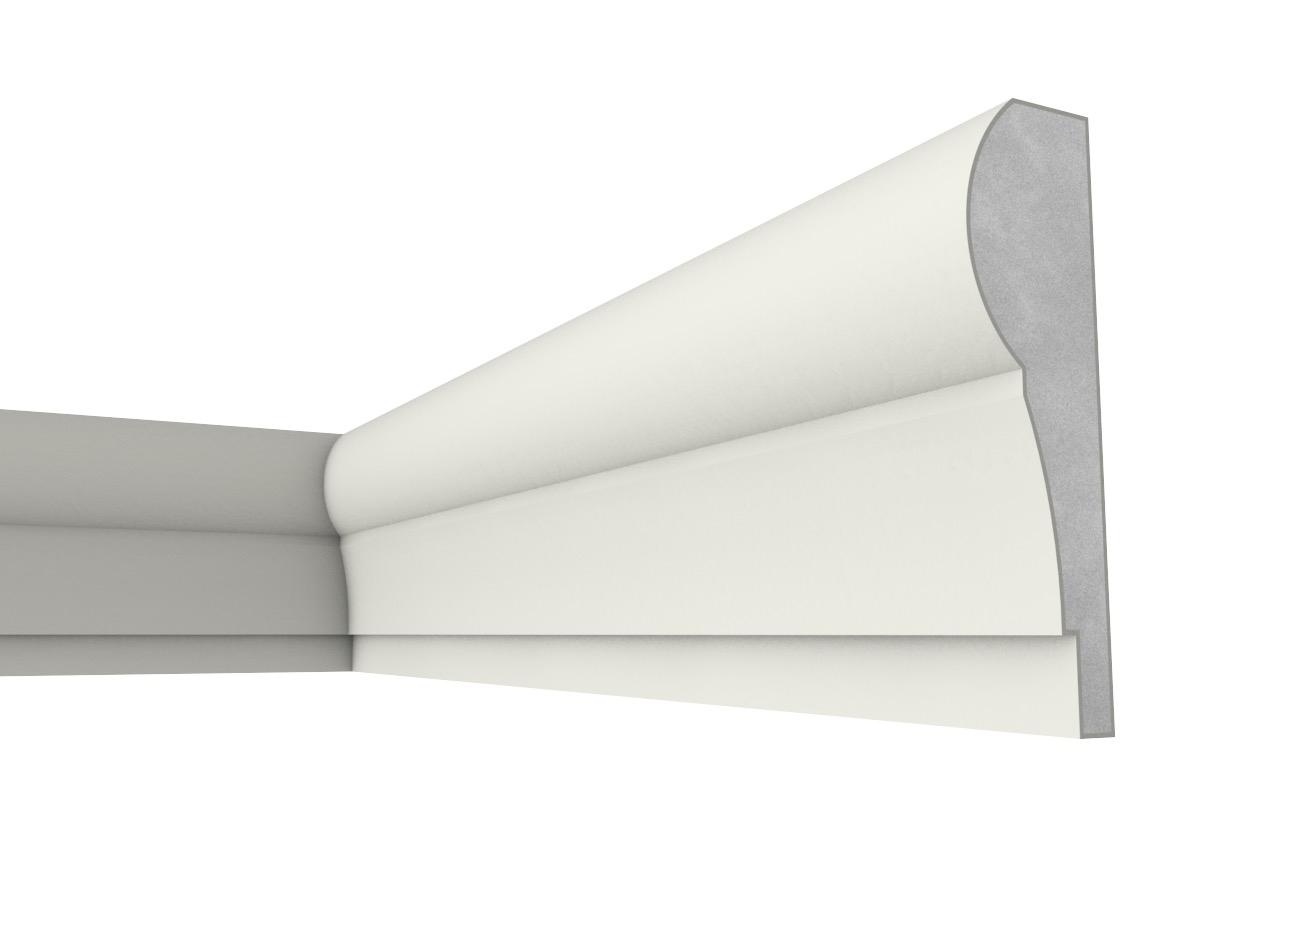 Fb 24 - Cornice e marcapiano in polistirene spalmato con graniglie - Decorget - Ital Decori - Image 0